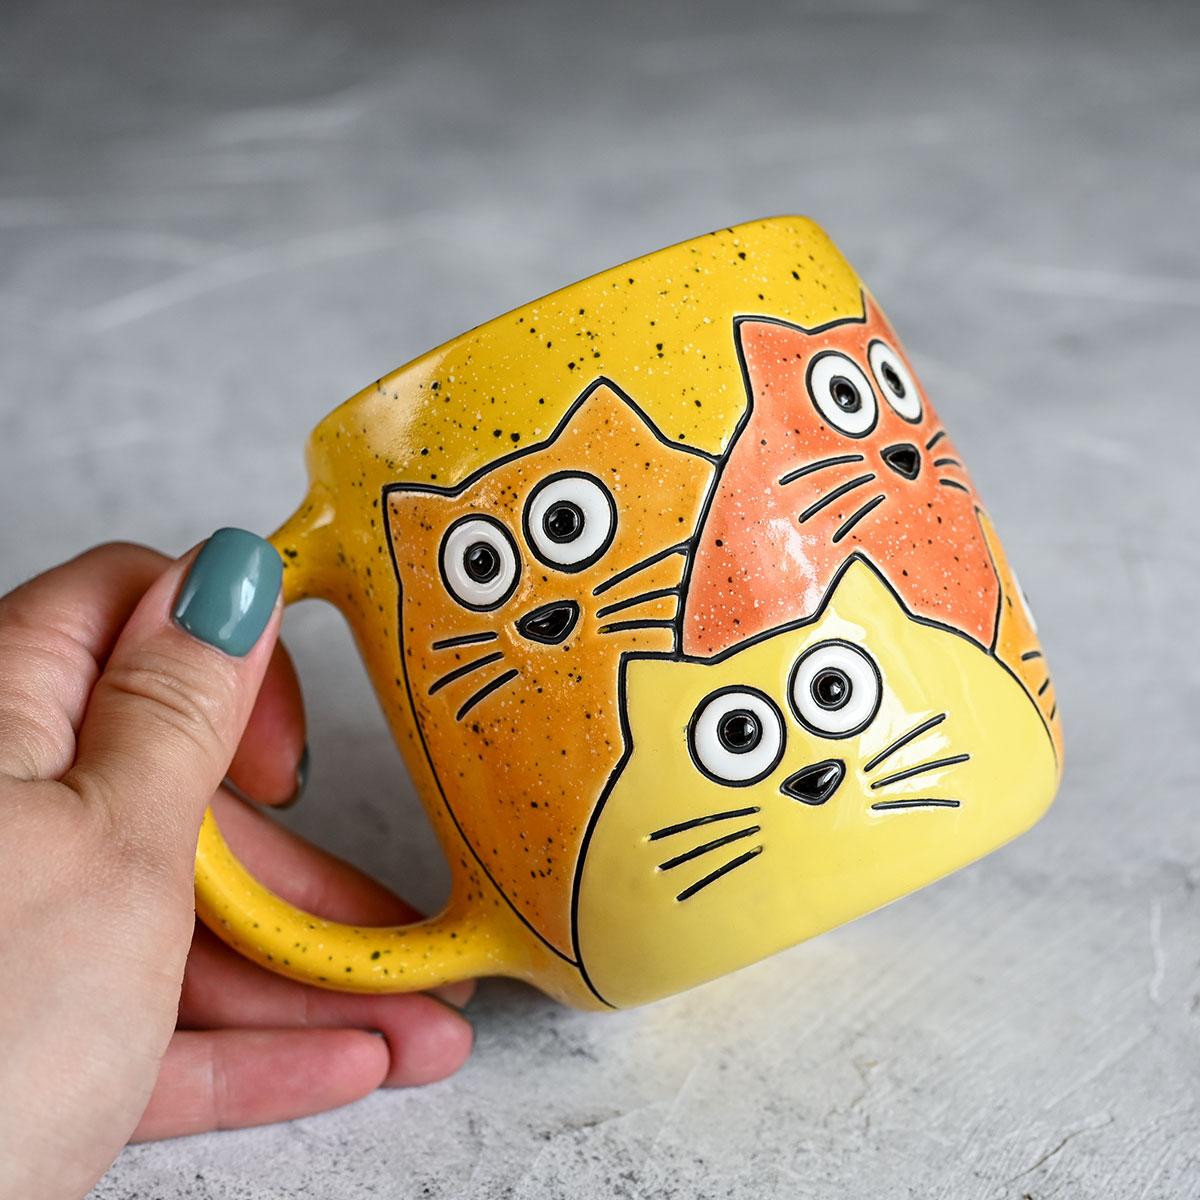 """картинка Кружка """"Котики"""" большая желтая - DishWishes.Ru"""